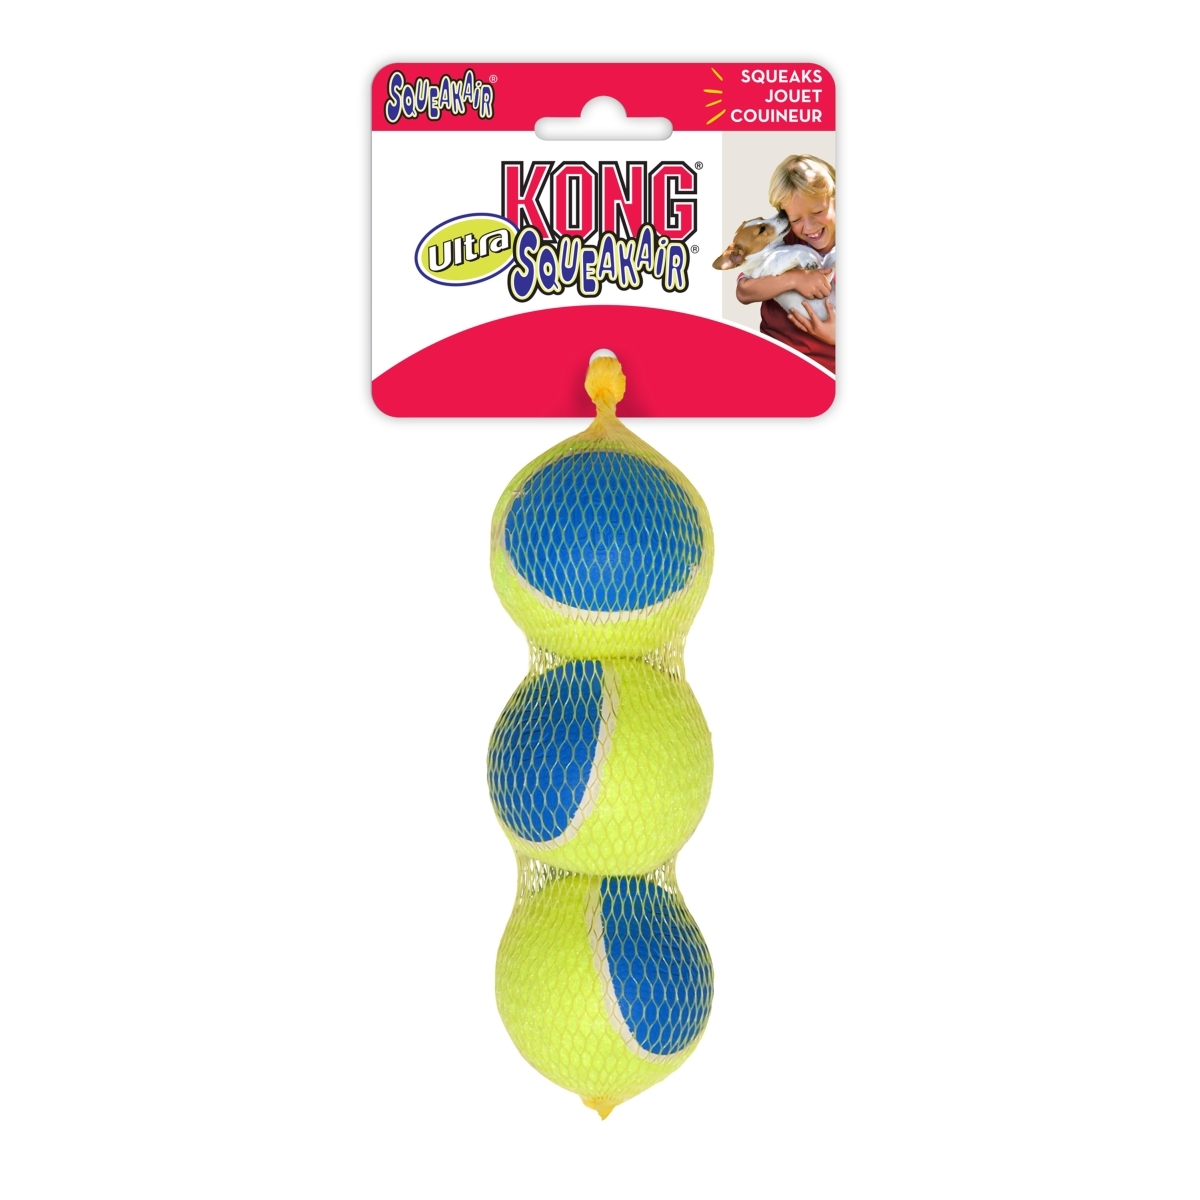 Ultra squeakair ball blauw/geel